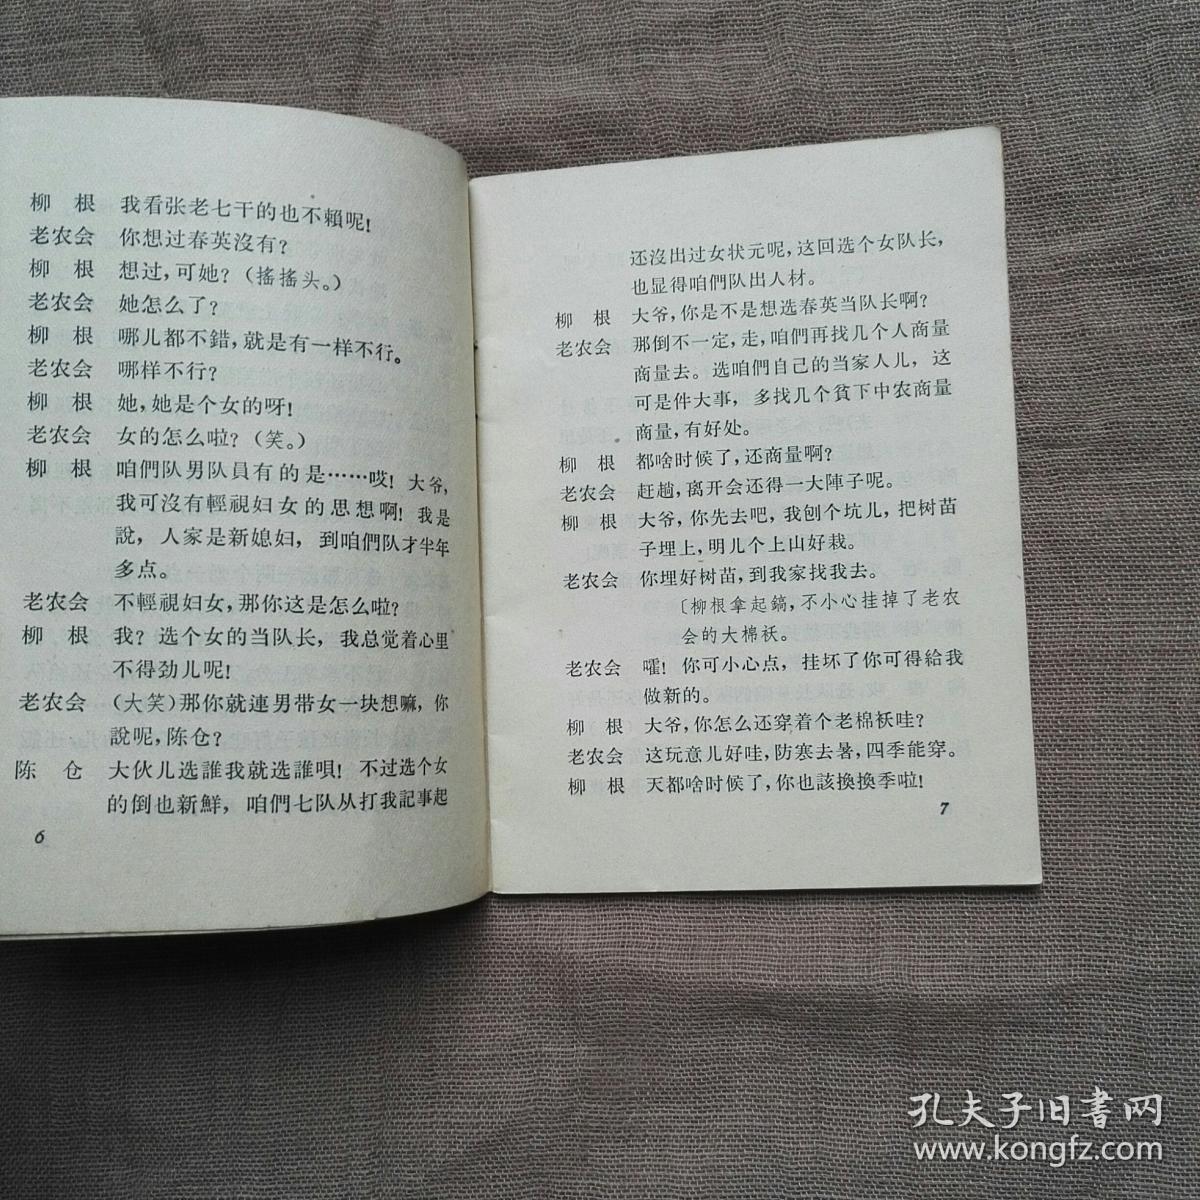 话剧歌剧曲艺等有油印本(其中有红蓝印本)排印本手抄本剧本